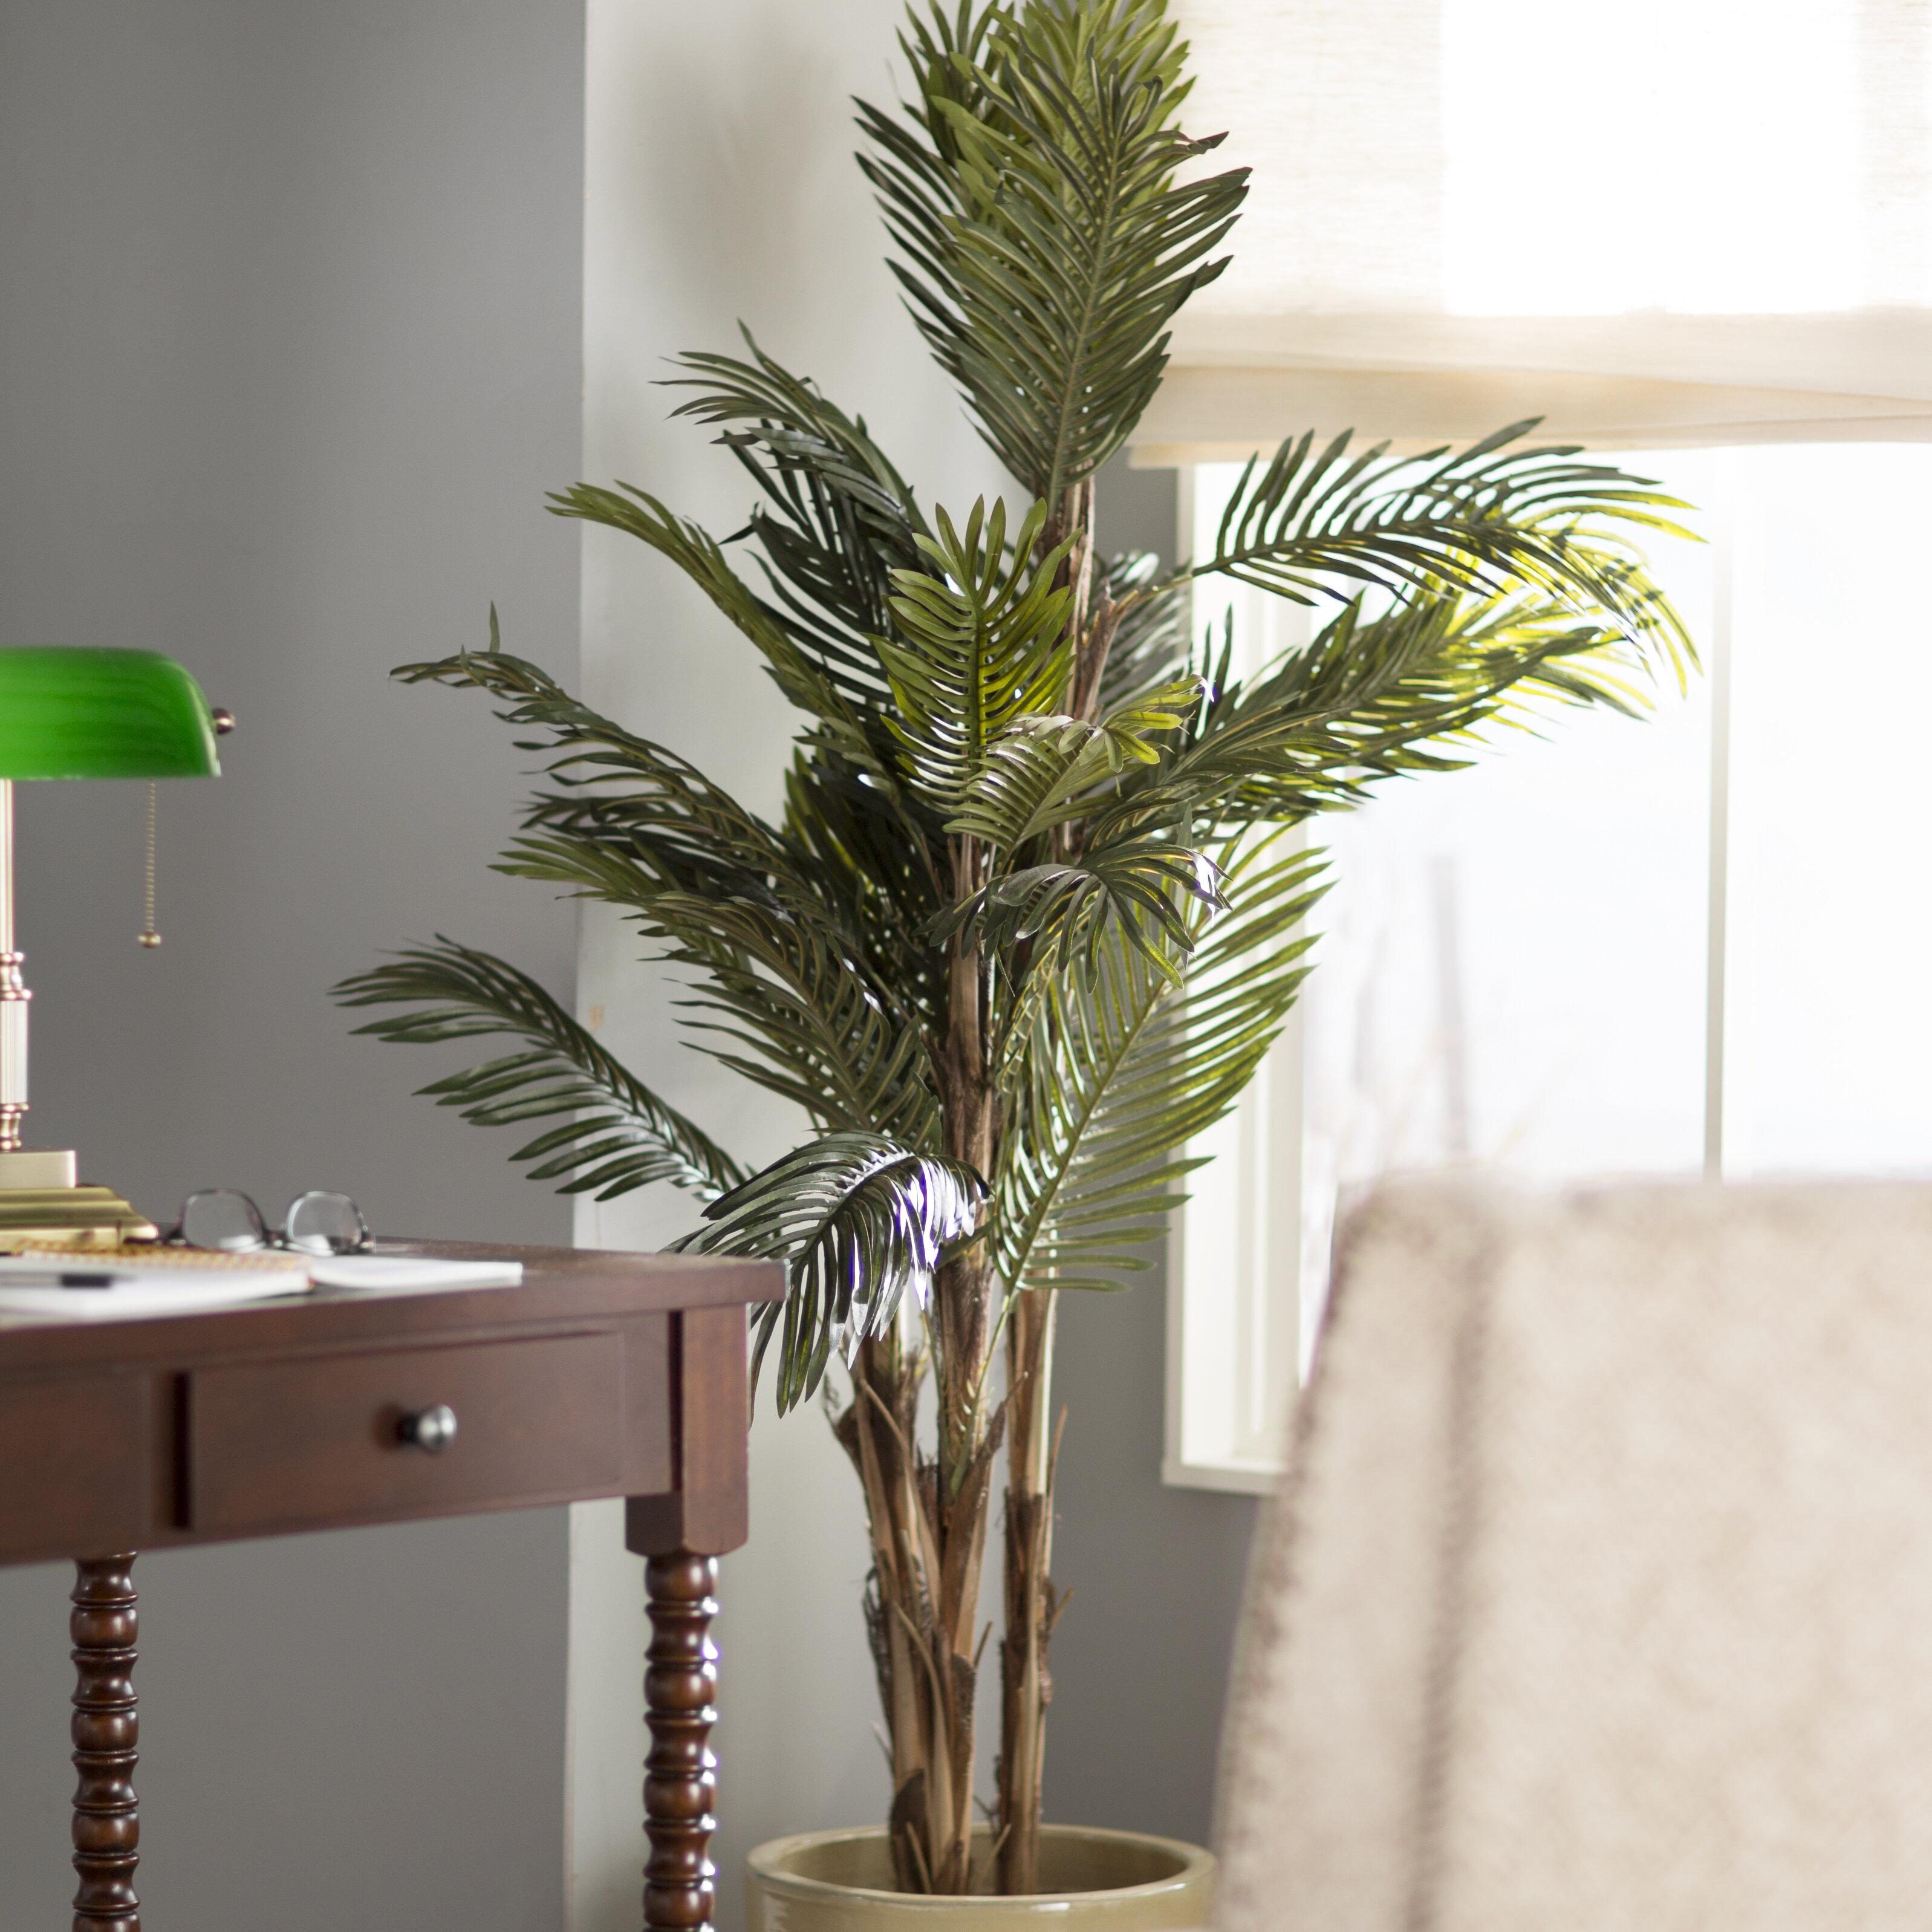 Robellini Palm Tree in Pot